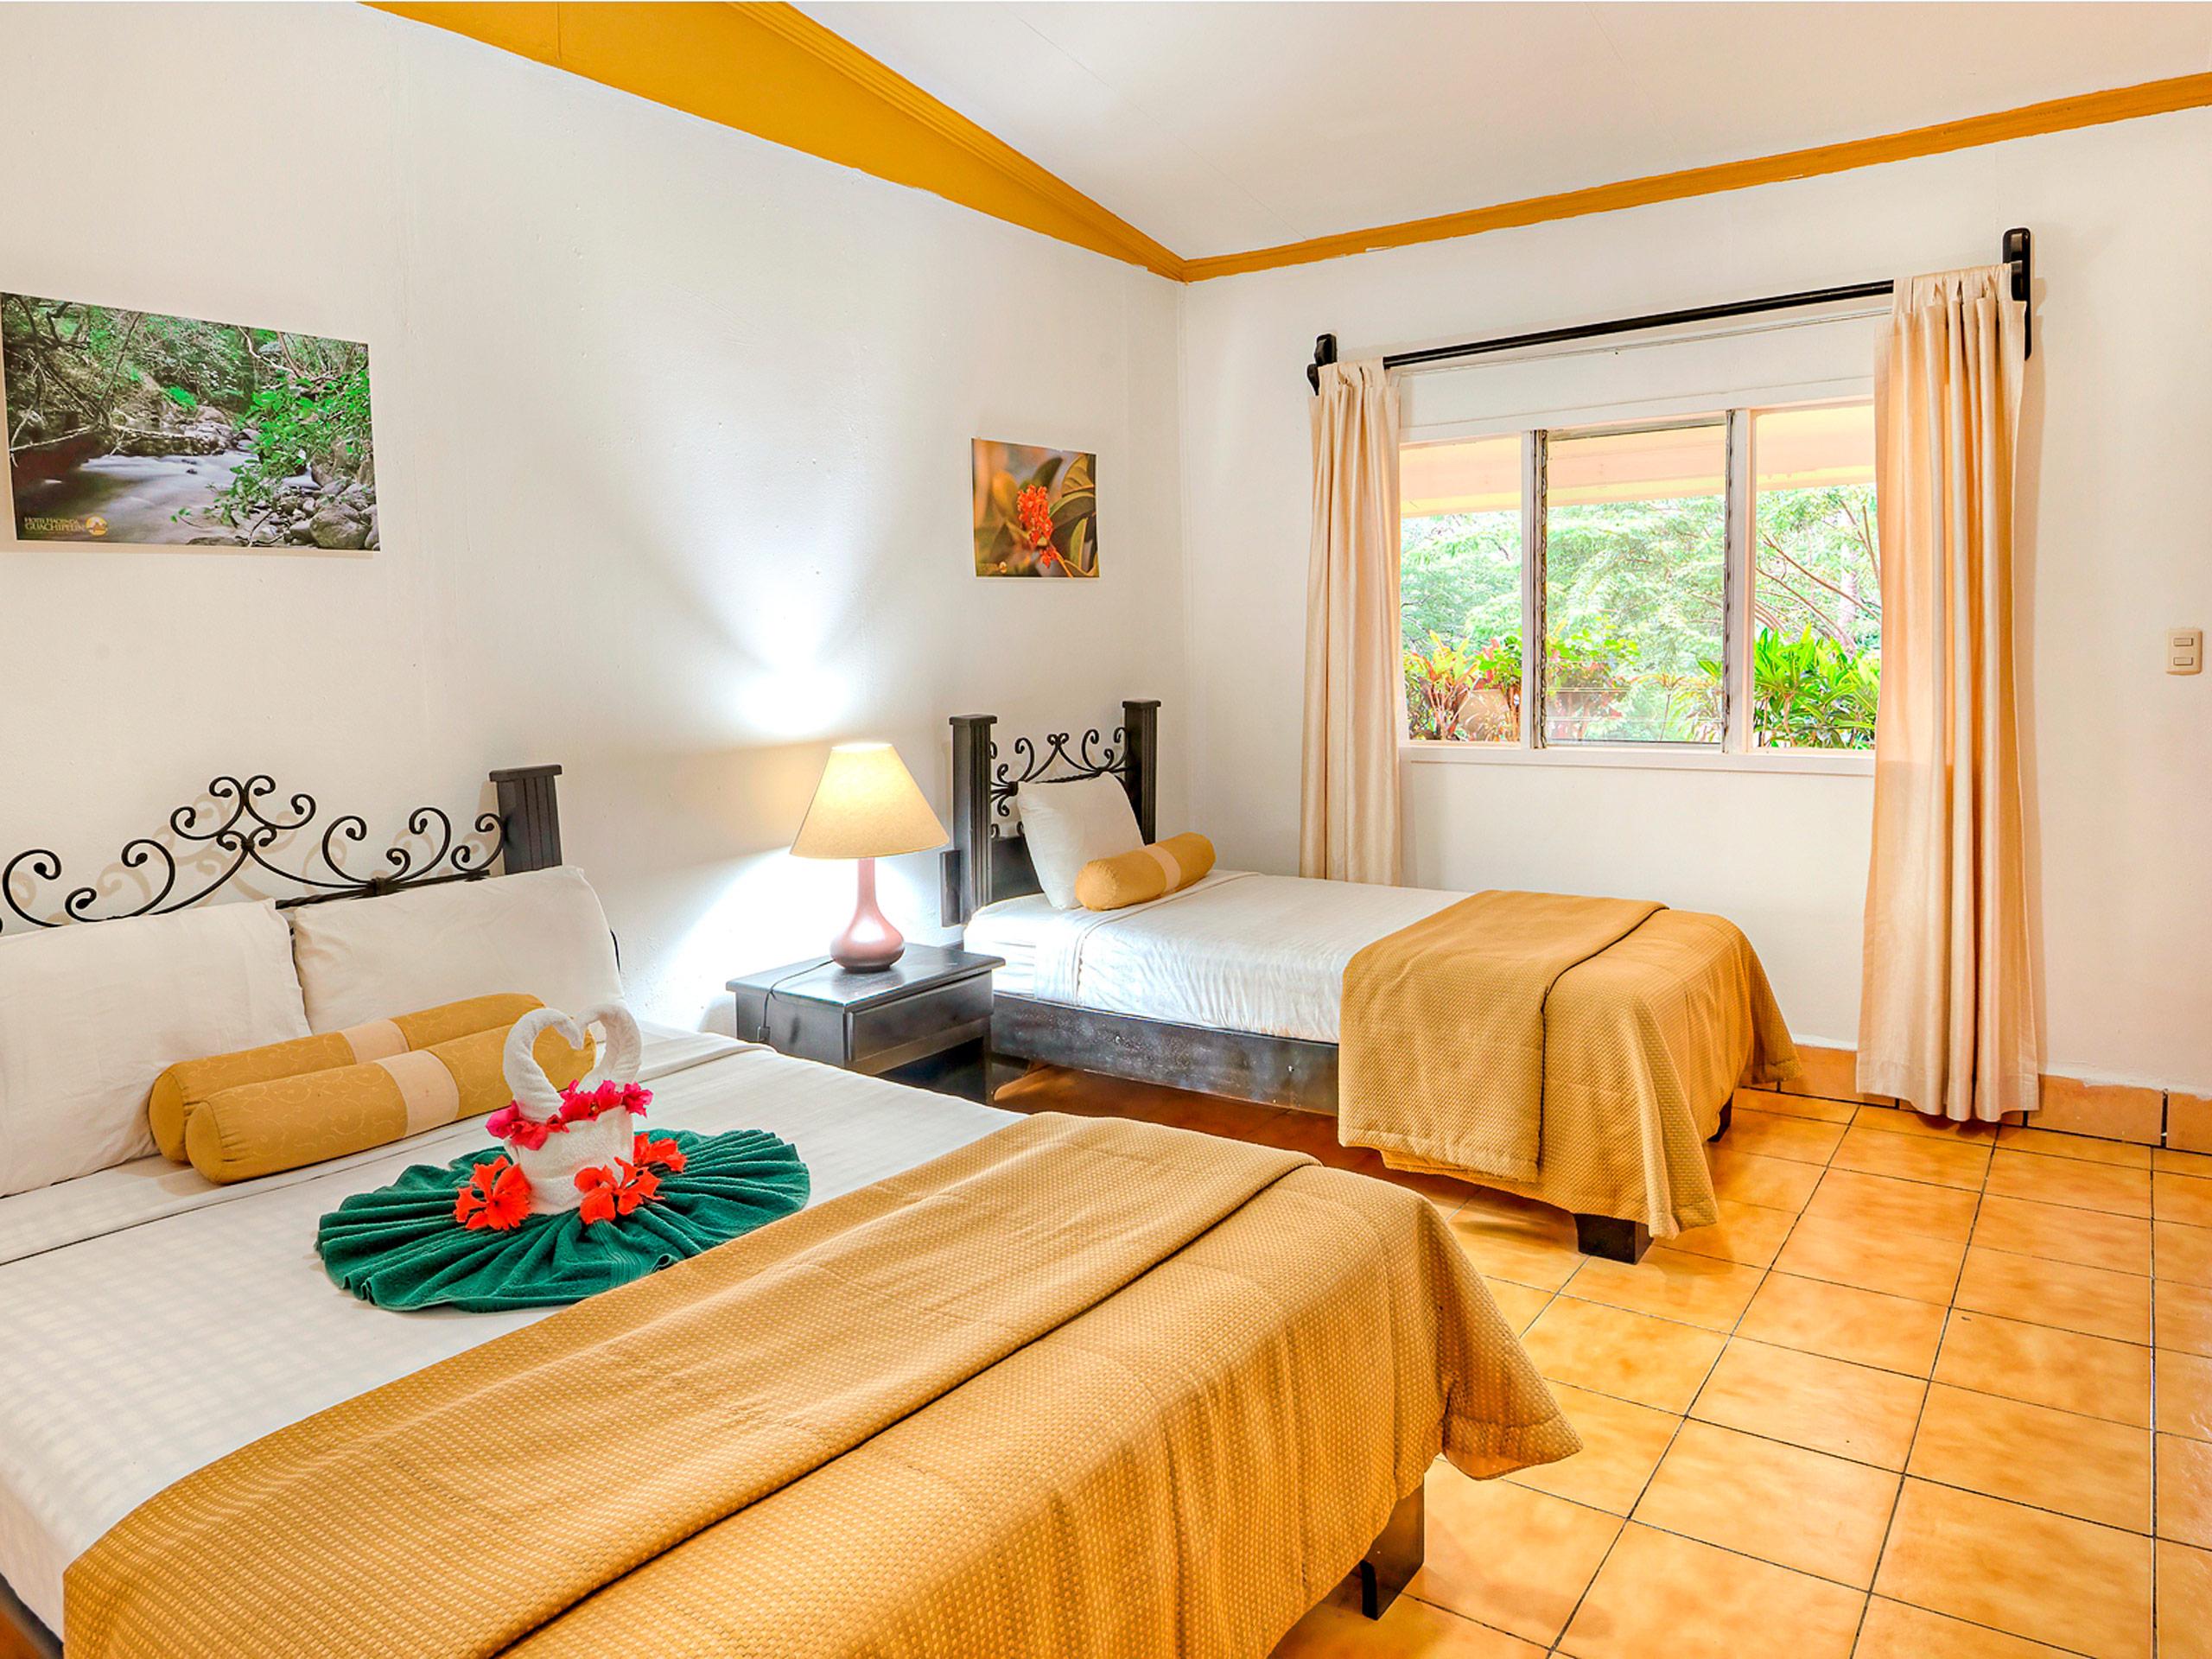 Room in Guachipelin hotel